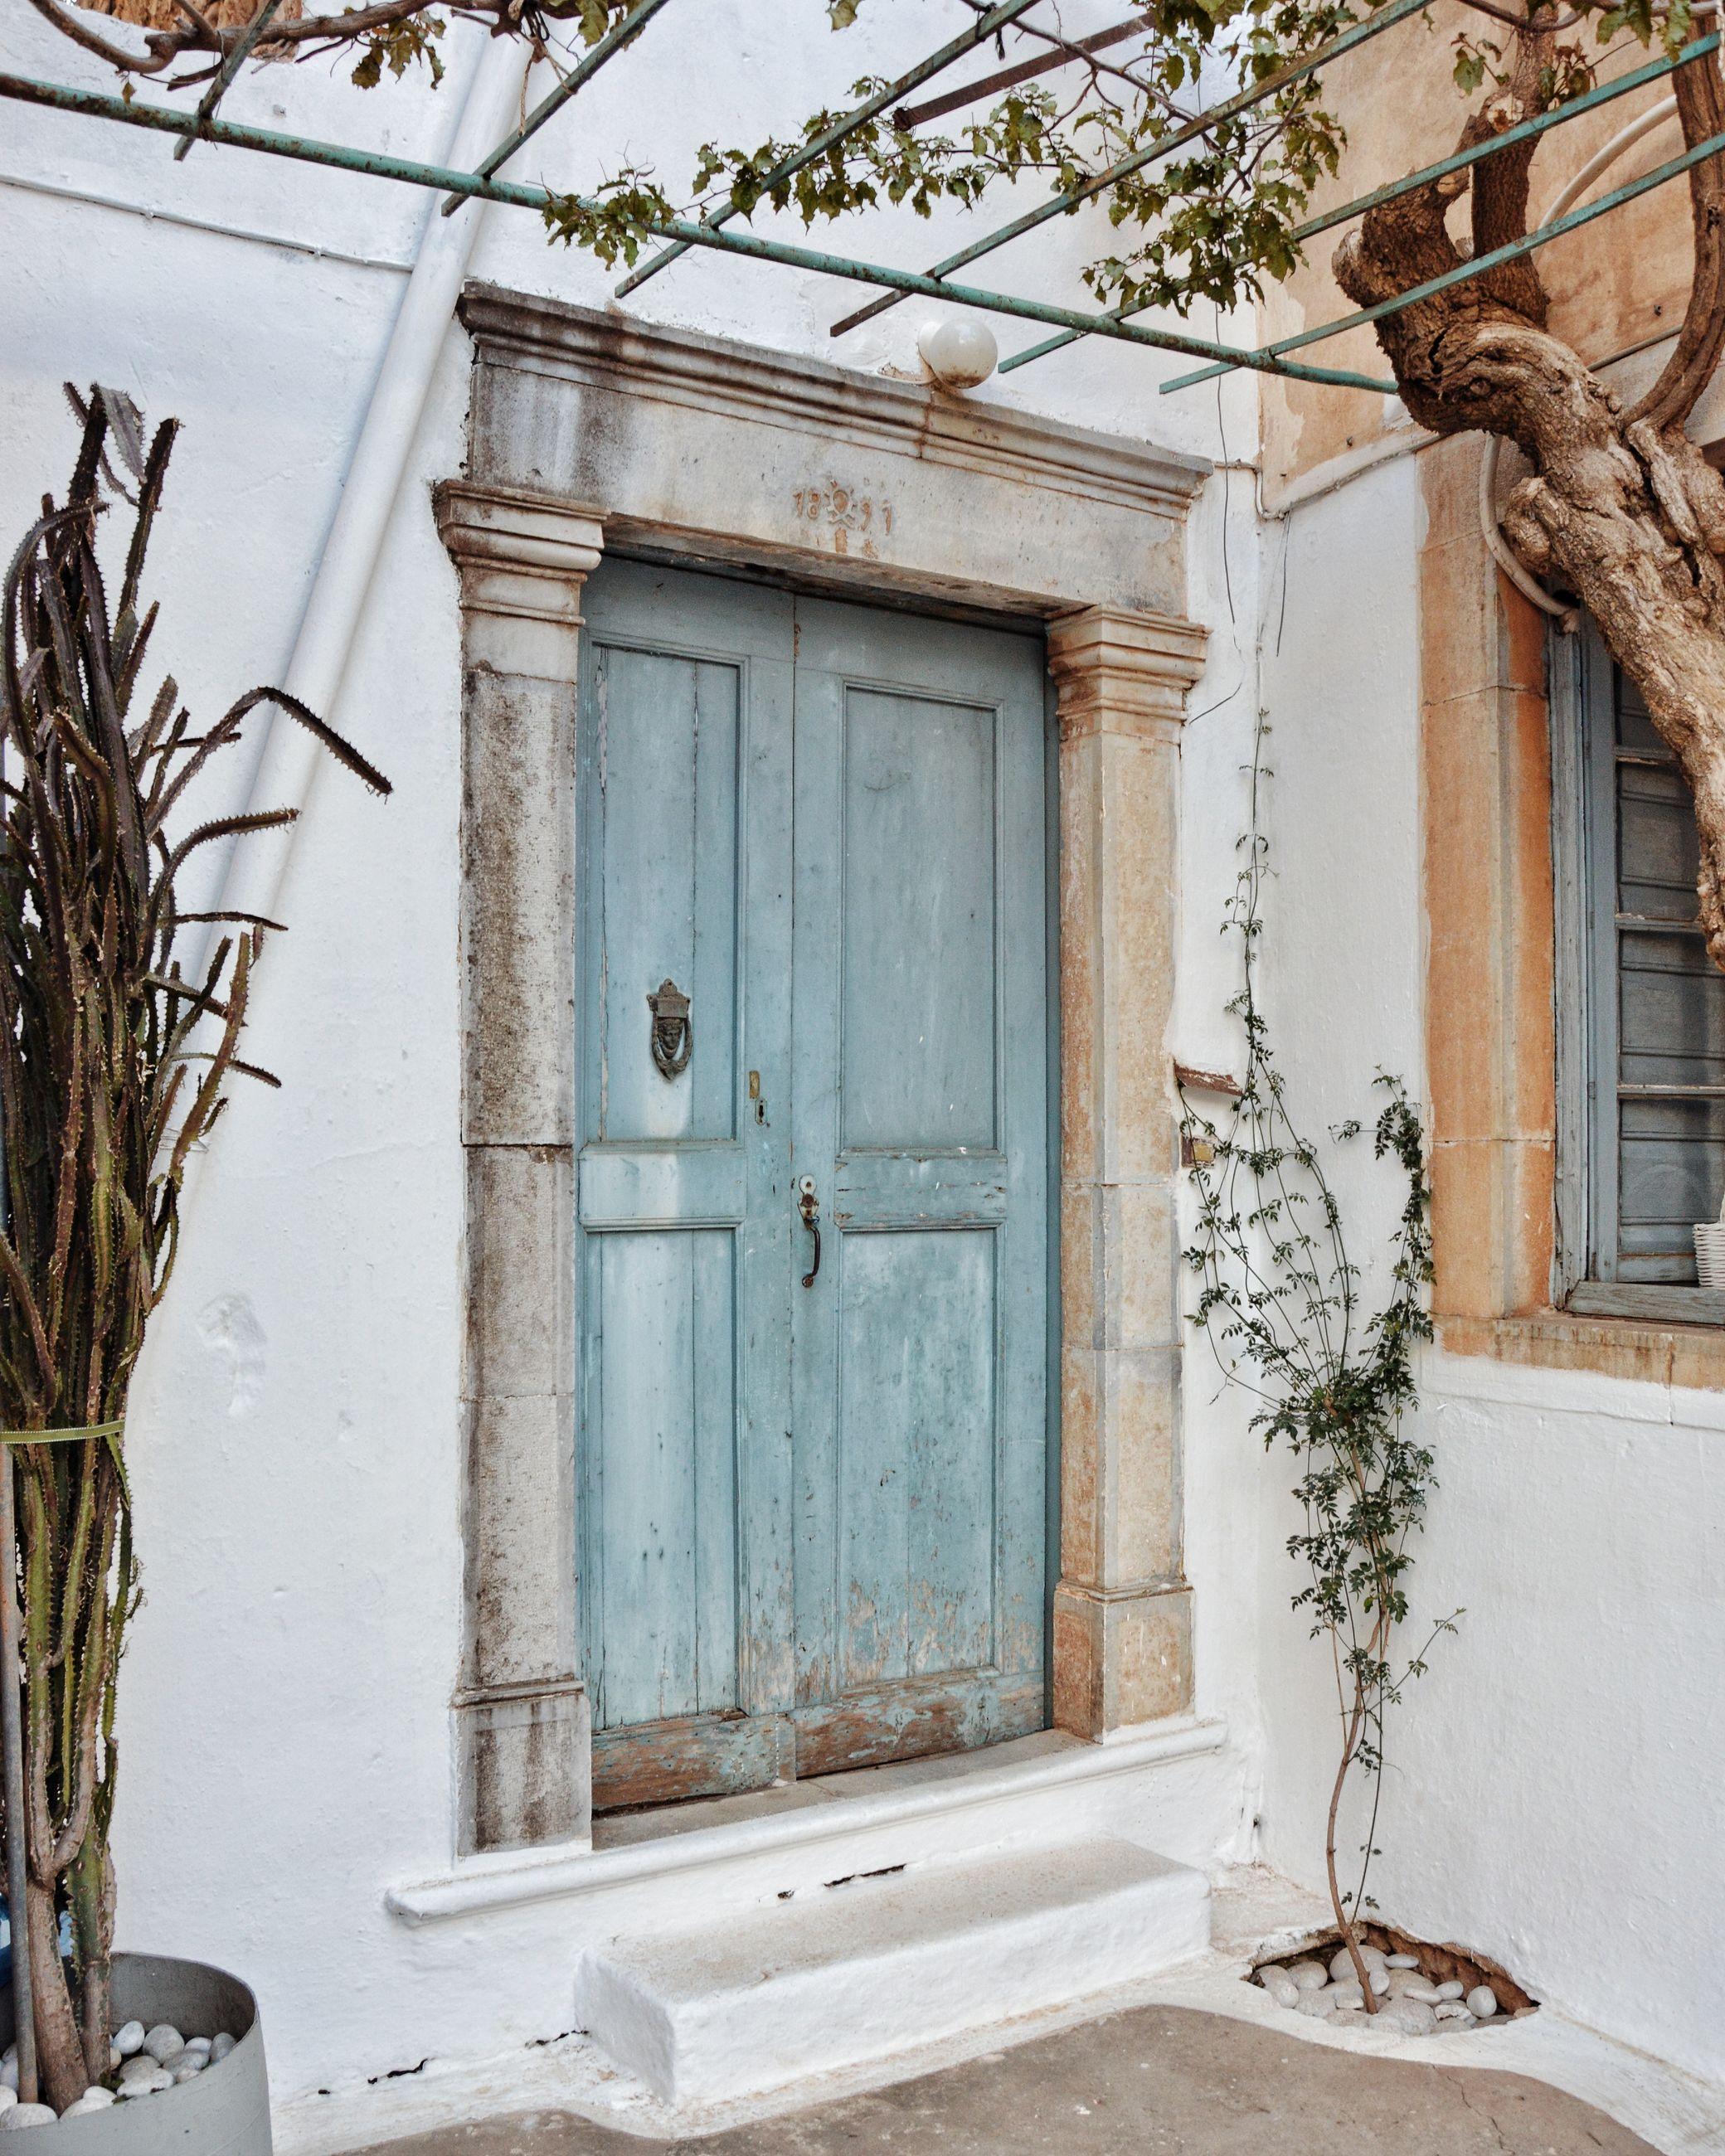 Traditional wooden front door